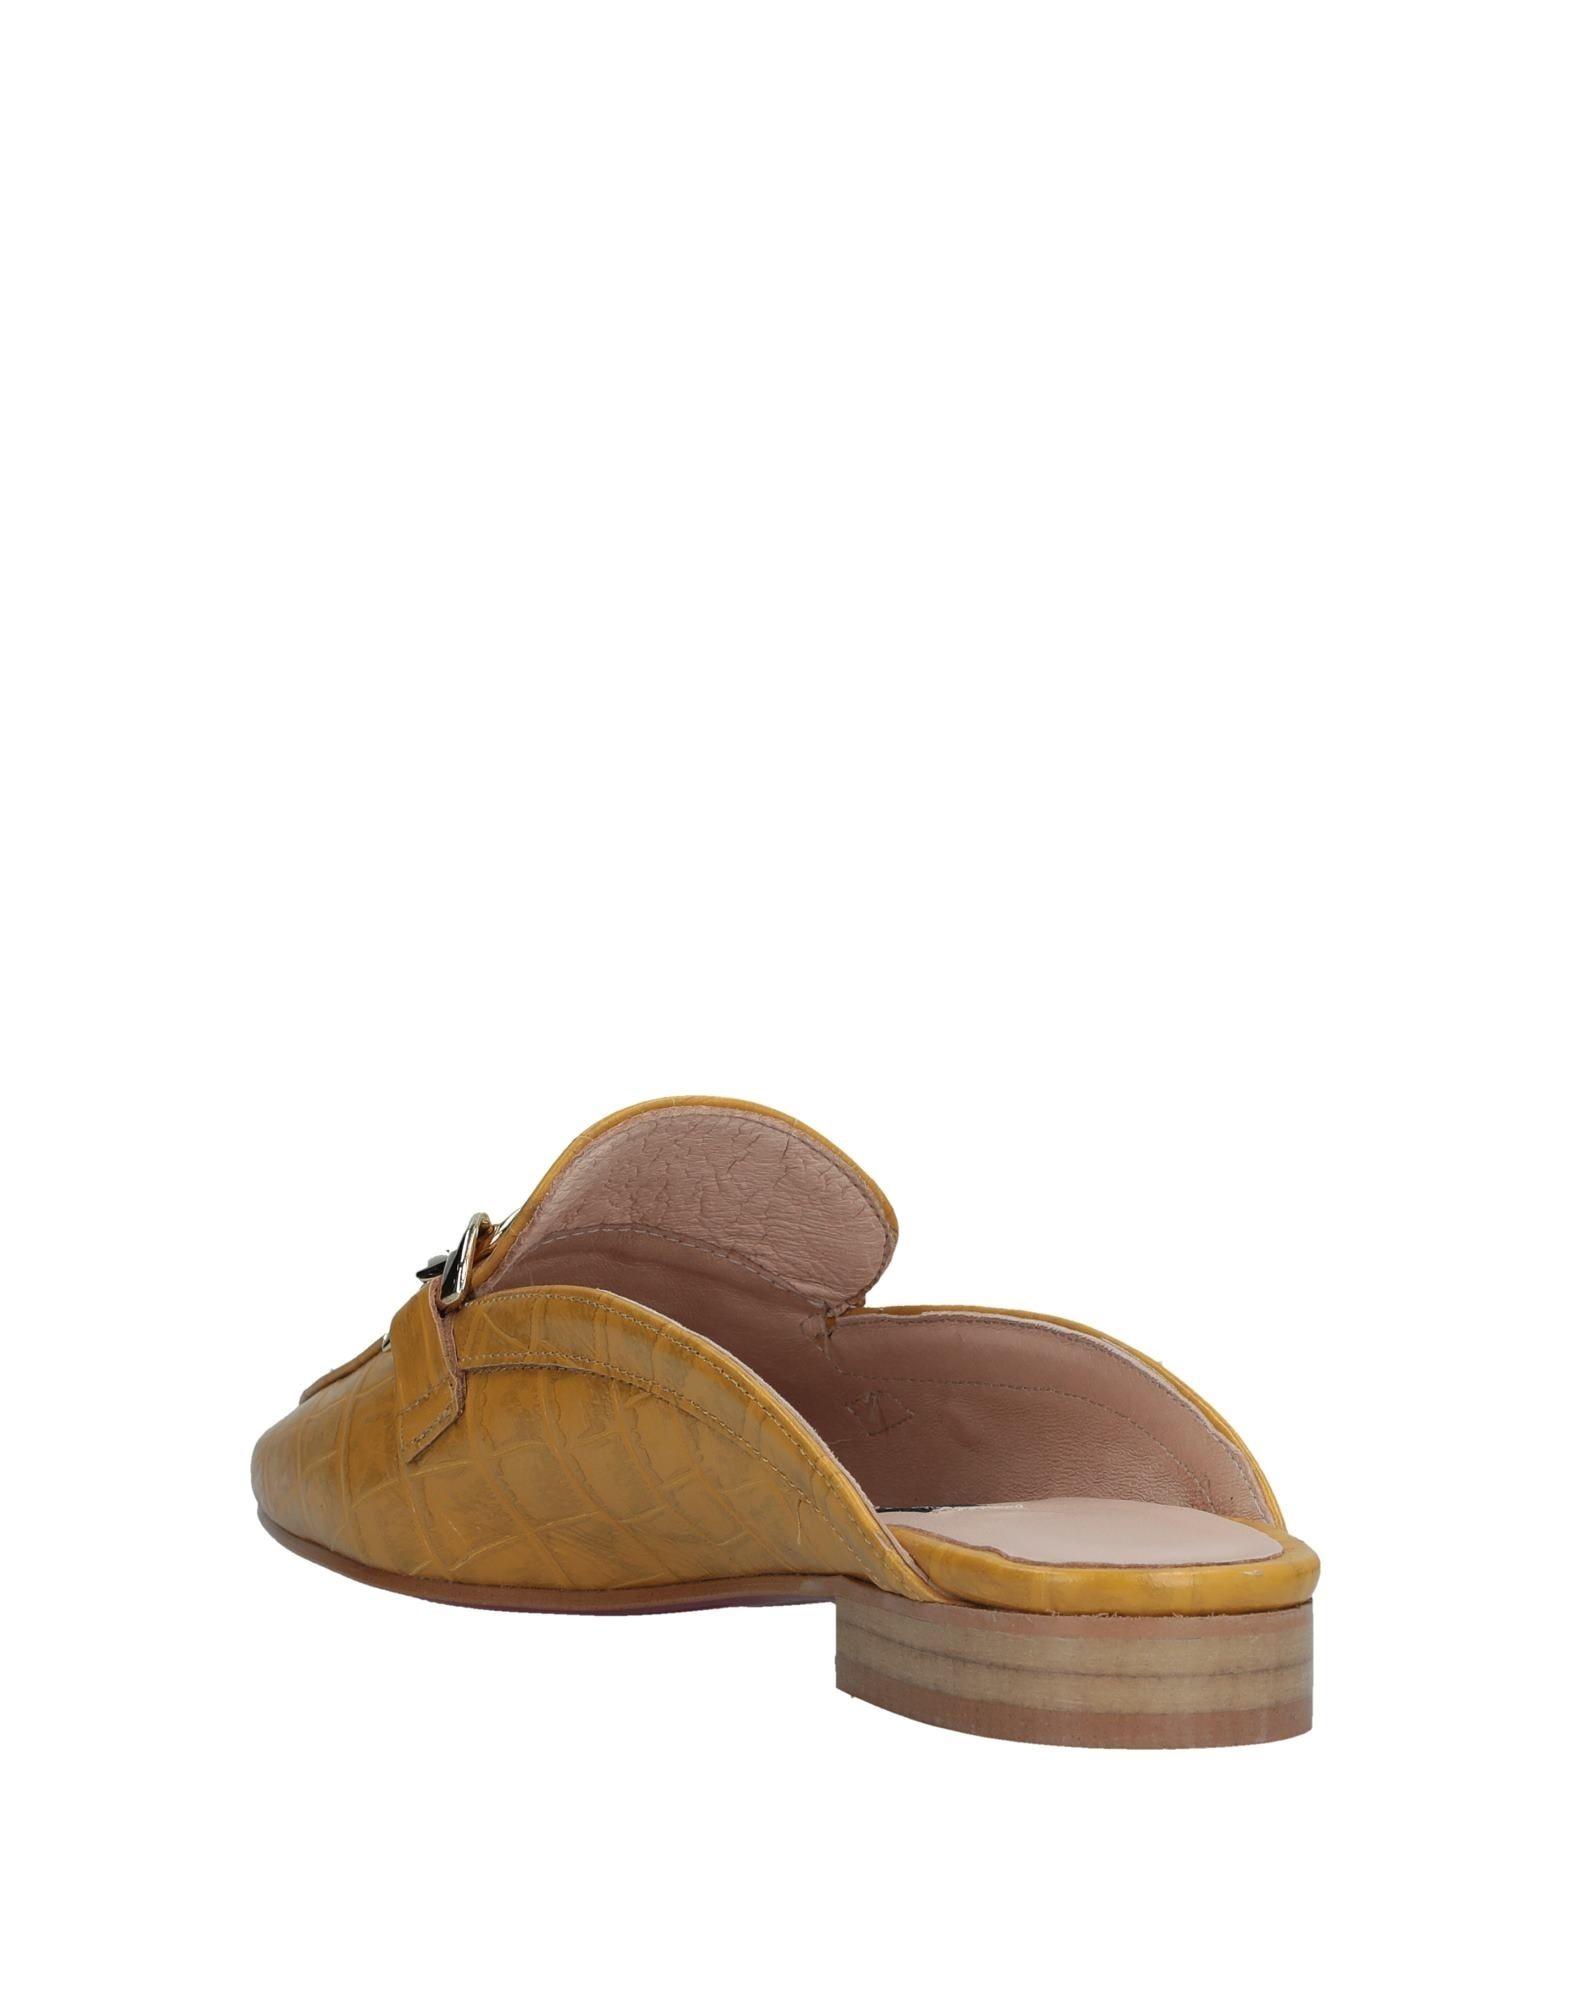 Cuplé Gute Pantoletten Damen  11542883EL Gute Cuplé Qualität beliebte Schuhe ec1552